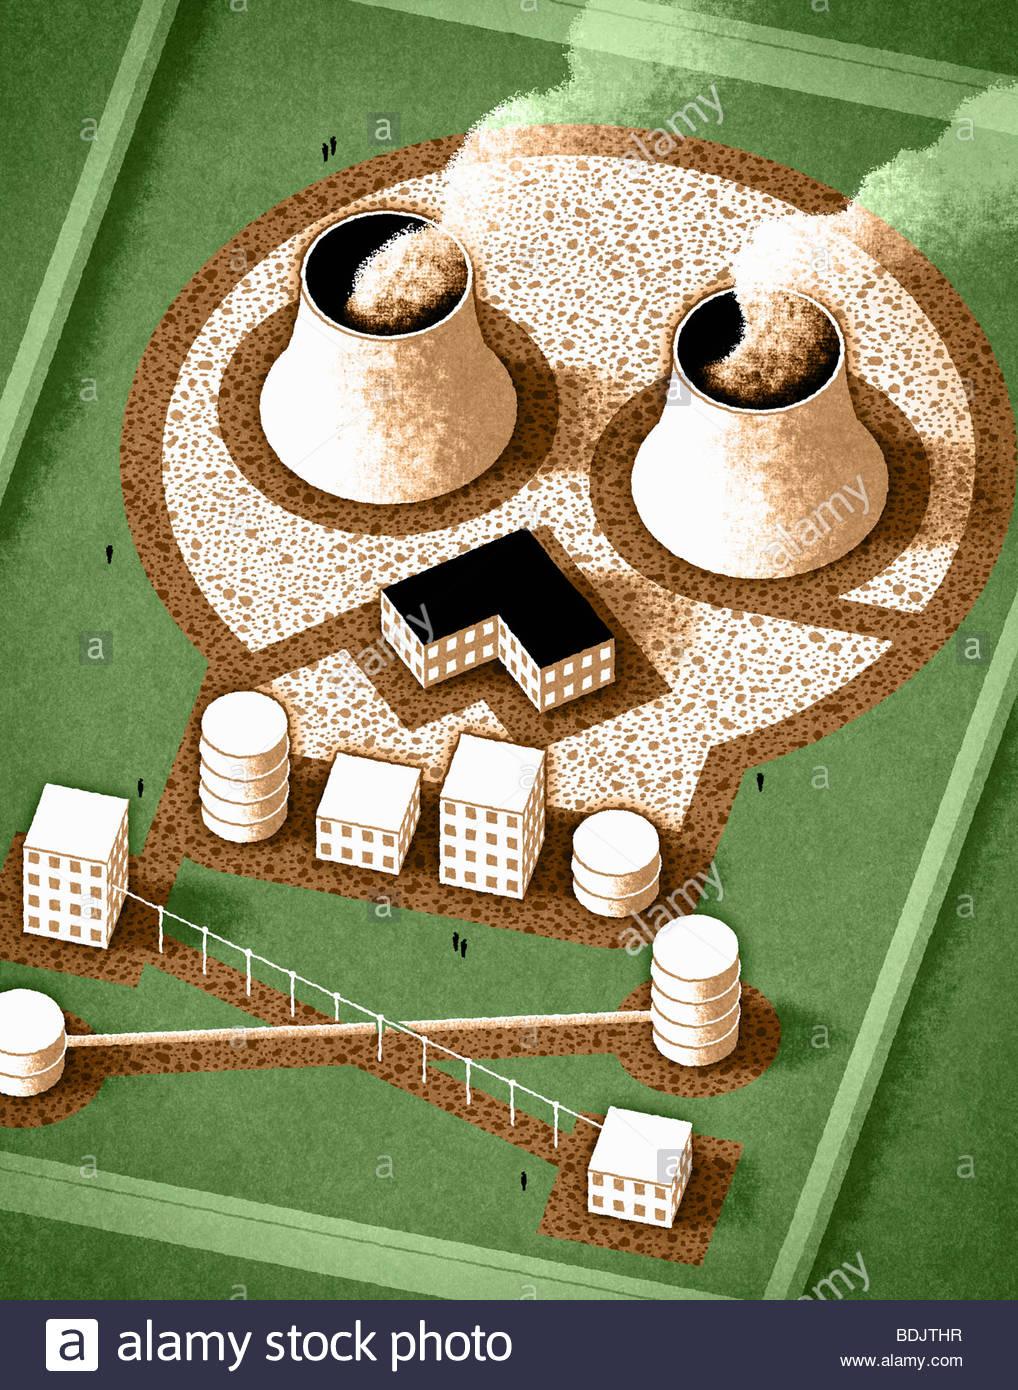 Nukleare Fabrik in Form der Totenkopf Stockfoto